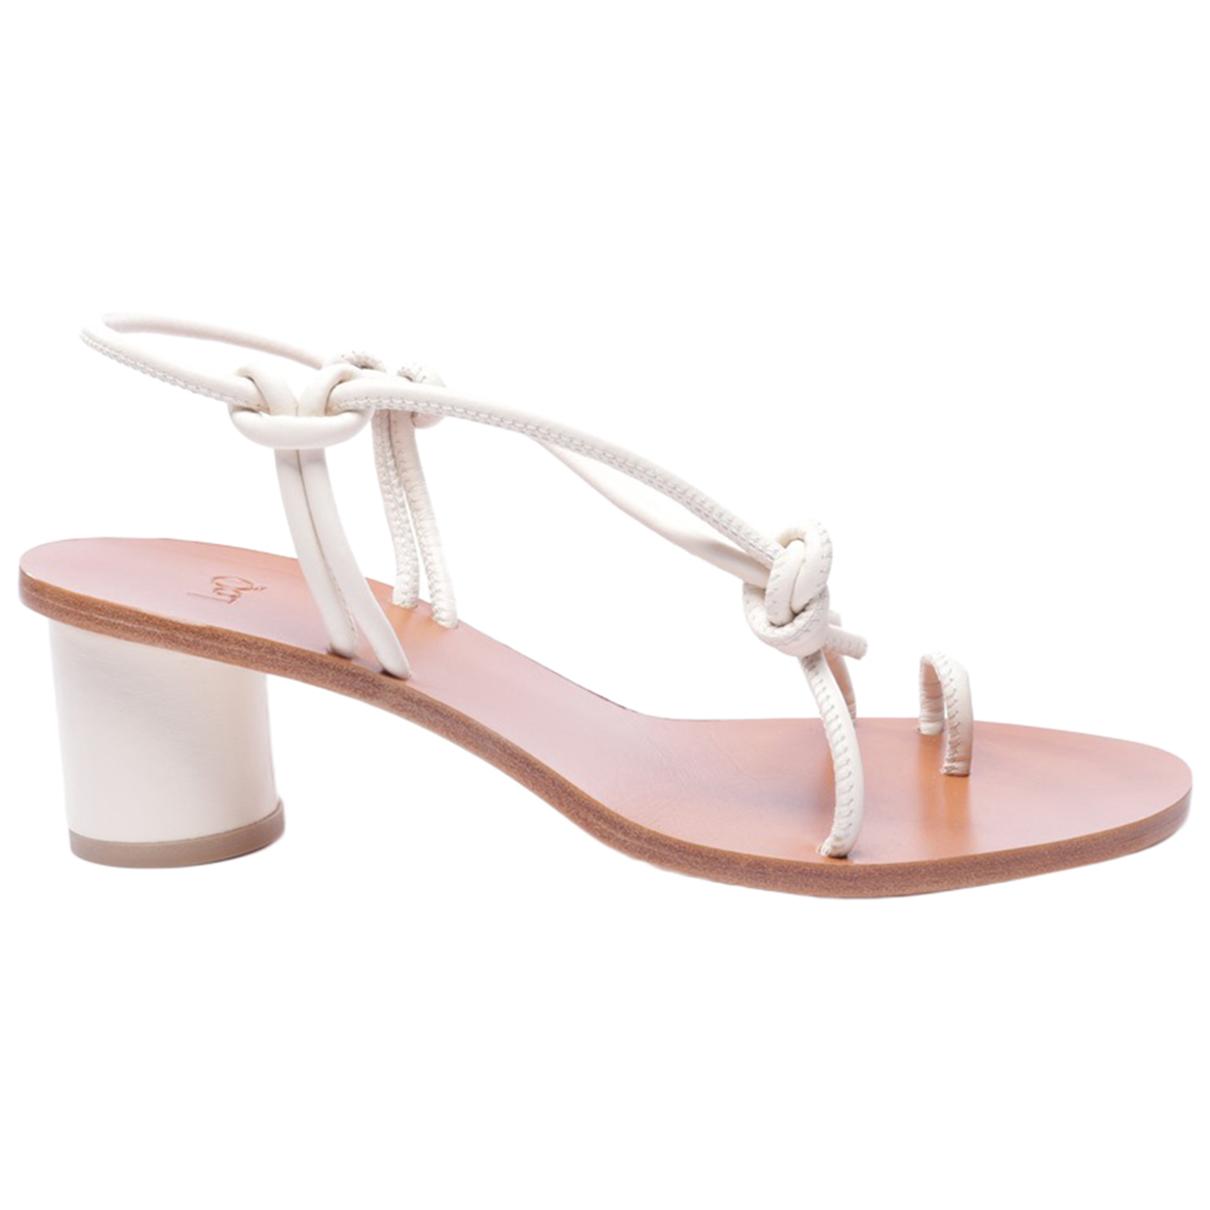 Loq - Sandales   pour femme en cuir - blanc